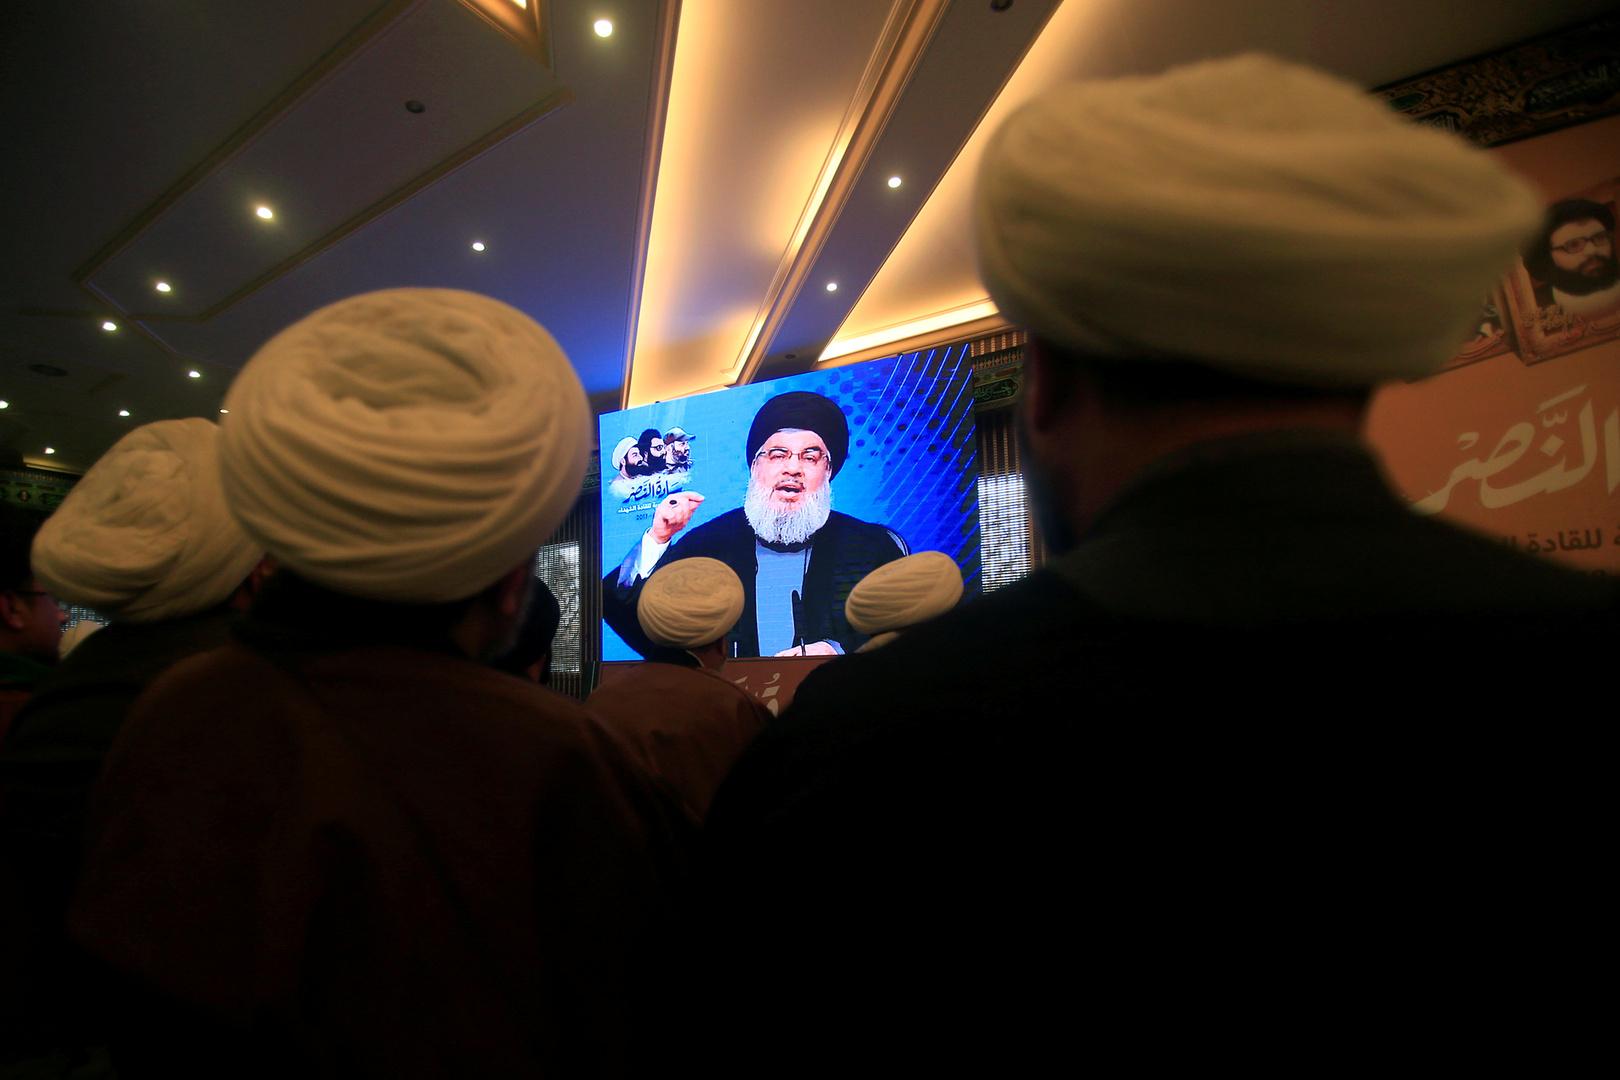 إعلام إيراني يتحدث عن ردة فعل نصرالله على انتخاب رئيسي